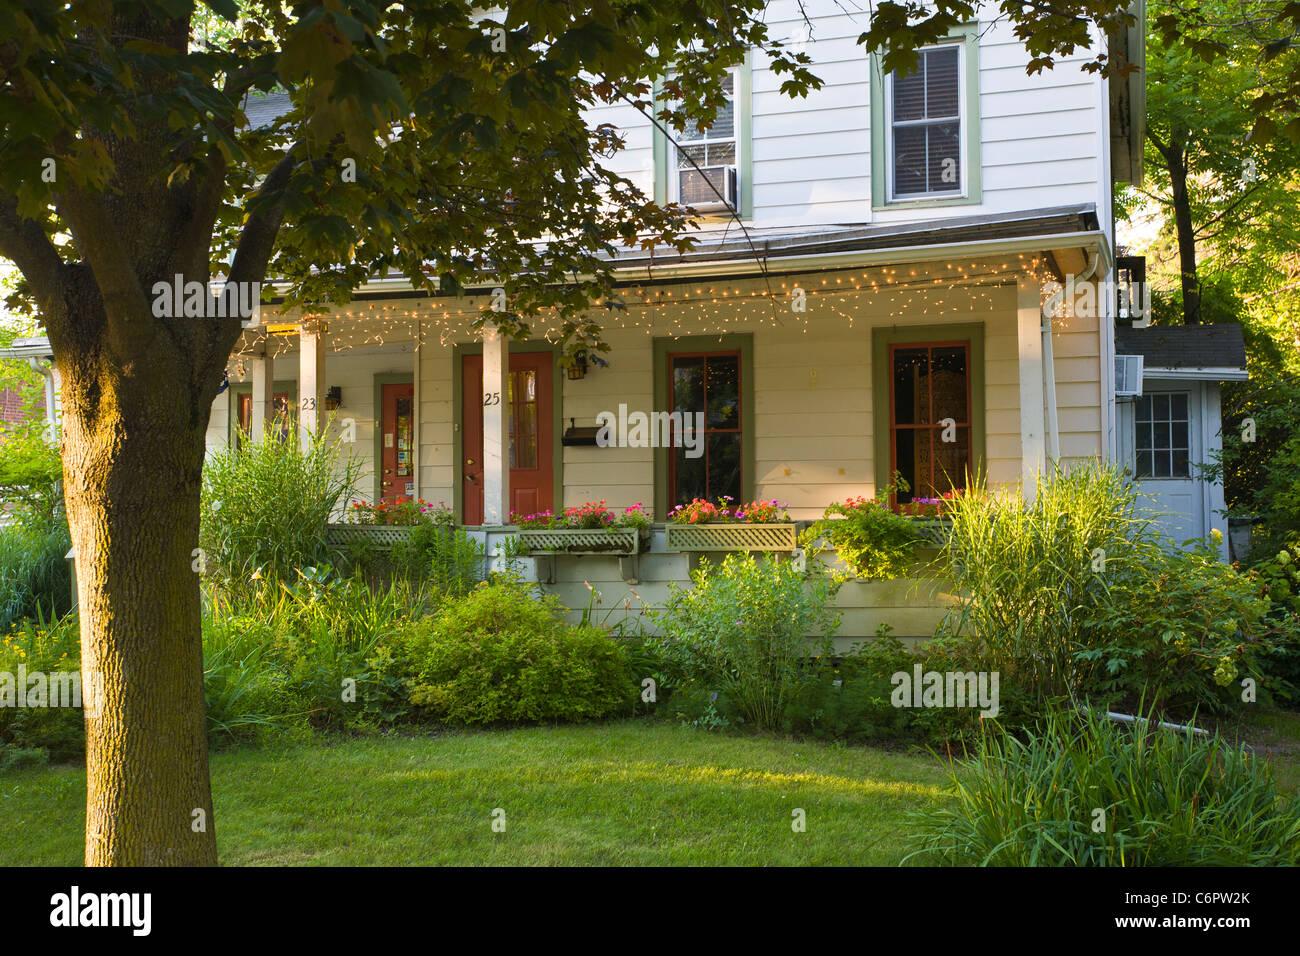 Casa en Woodstock Nueva York Imagen De Stock